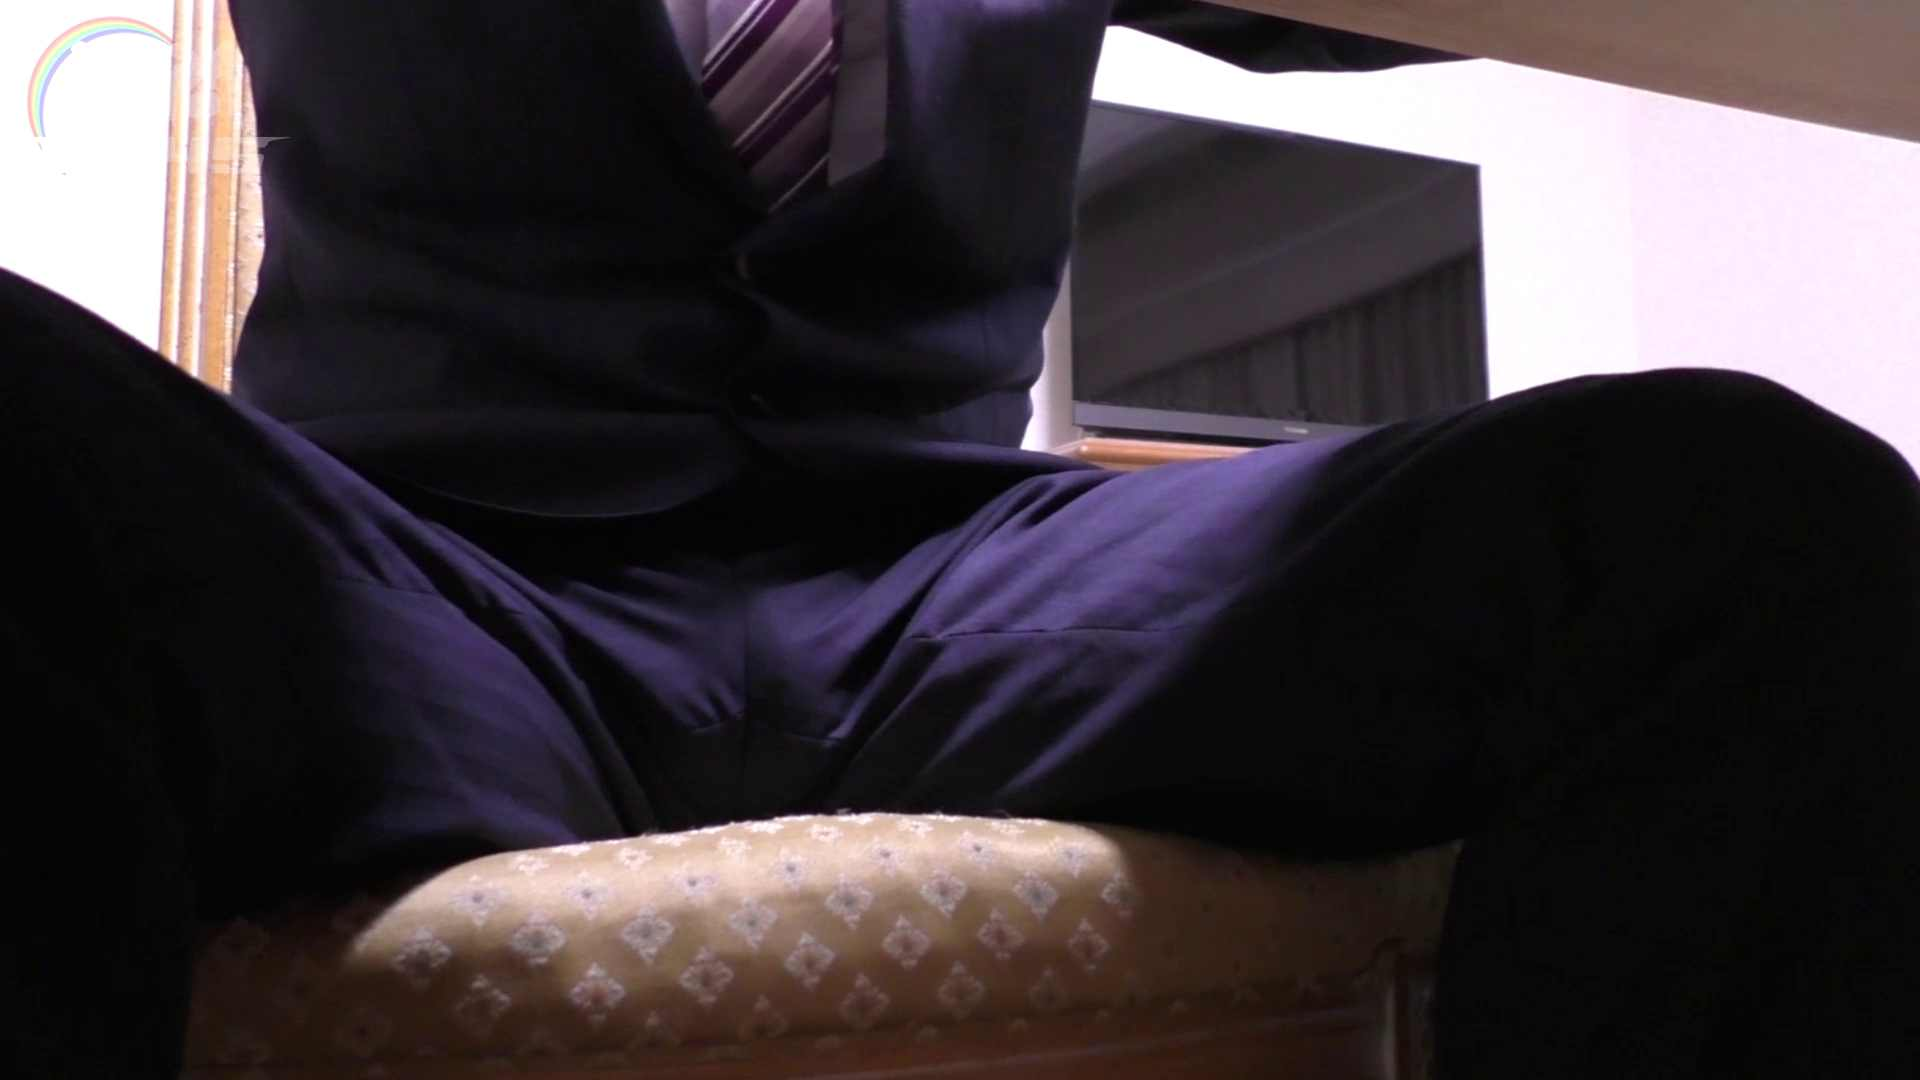 """【期間限定配信】キャバクラの仕事は""""アナル""""から2 Vol.01 アナル特集 ゲイ無修正画像 83枚 5"""